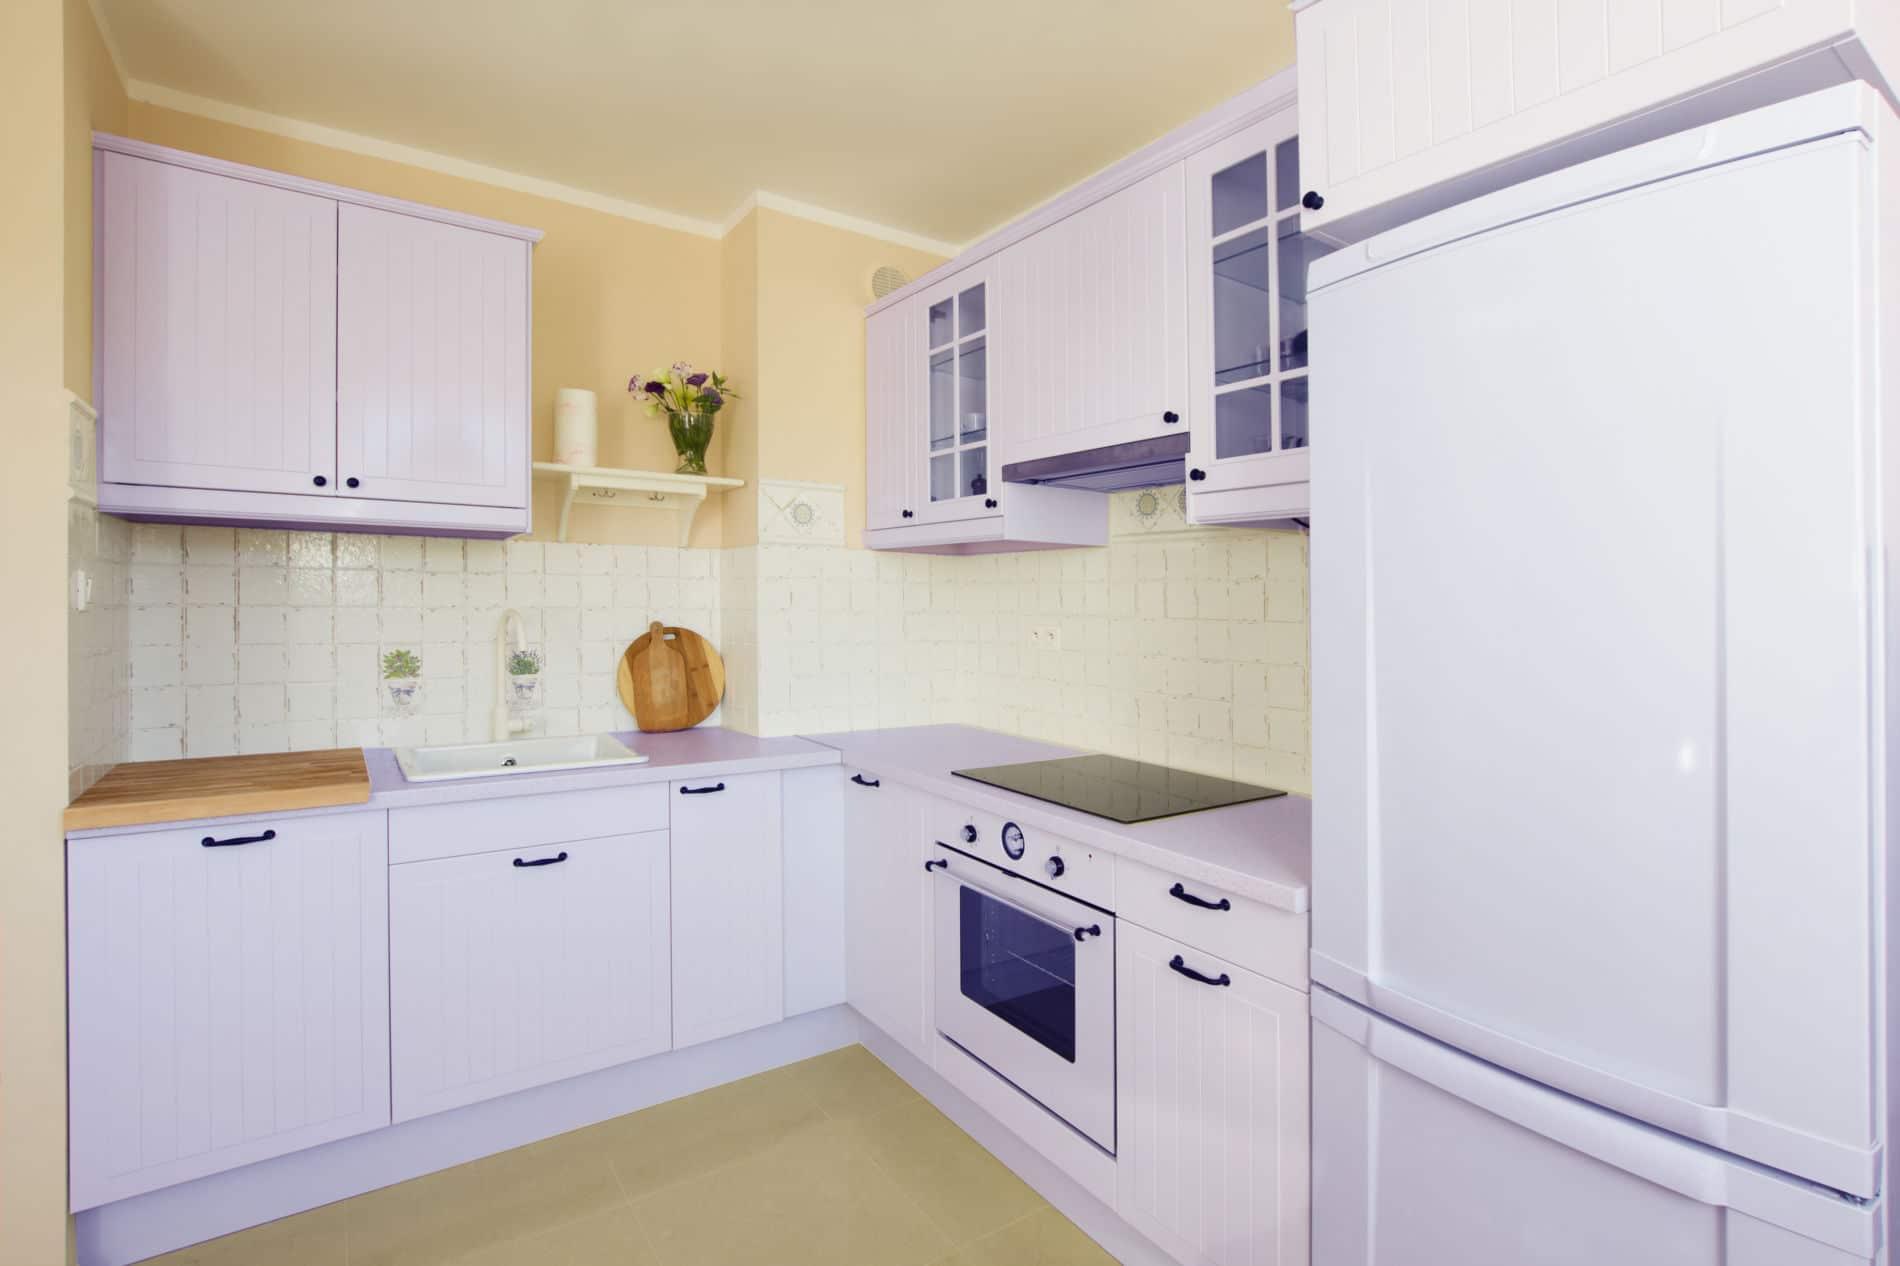 מטבחים מעץ ספקי ציוד מגוון למטבחים בעלי ניסיון בתחום עם רישיון והסמכה שיודעים לבנות ולהתאים מטבחים תוך כדי חיבור הכיריים החשמליים ובדיקת תקינותם